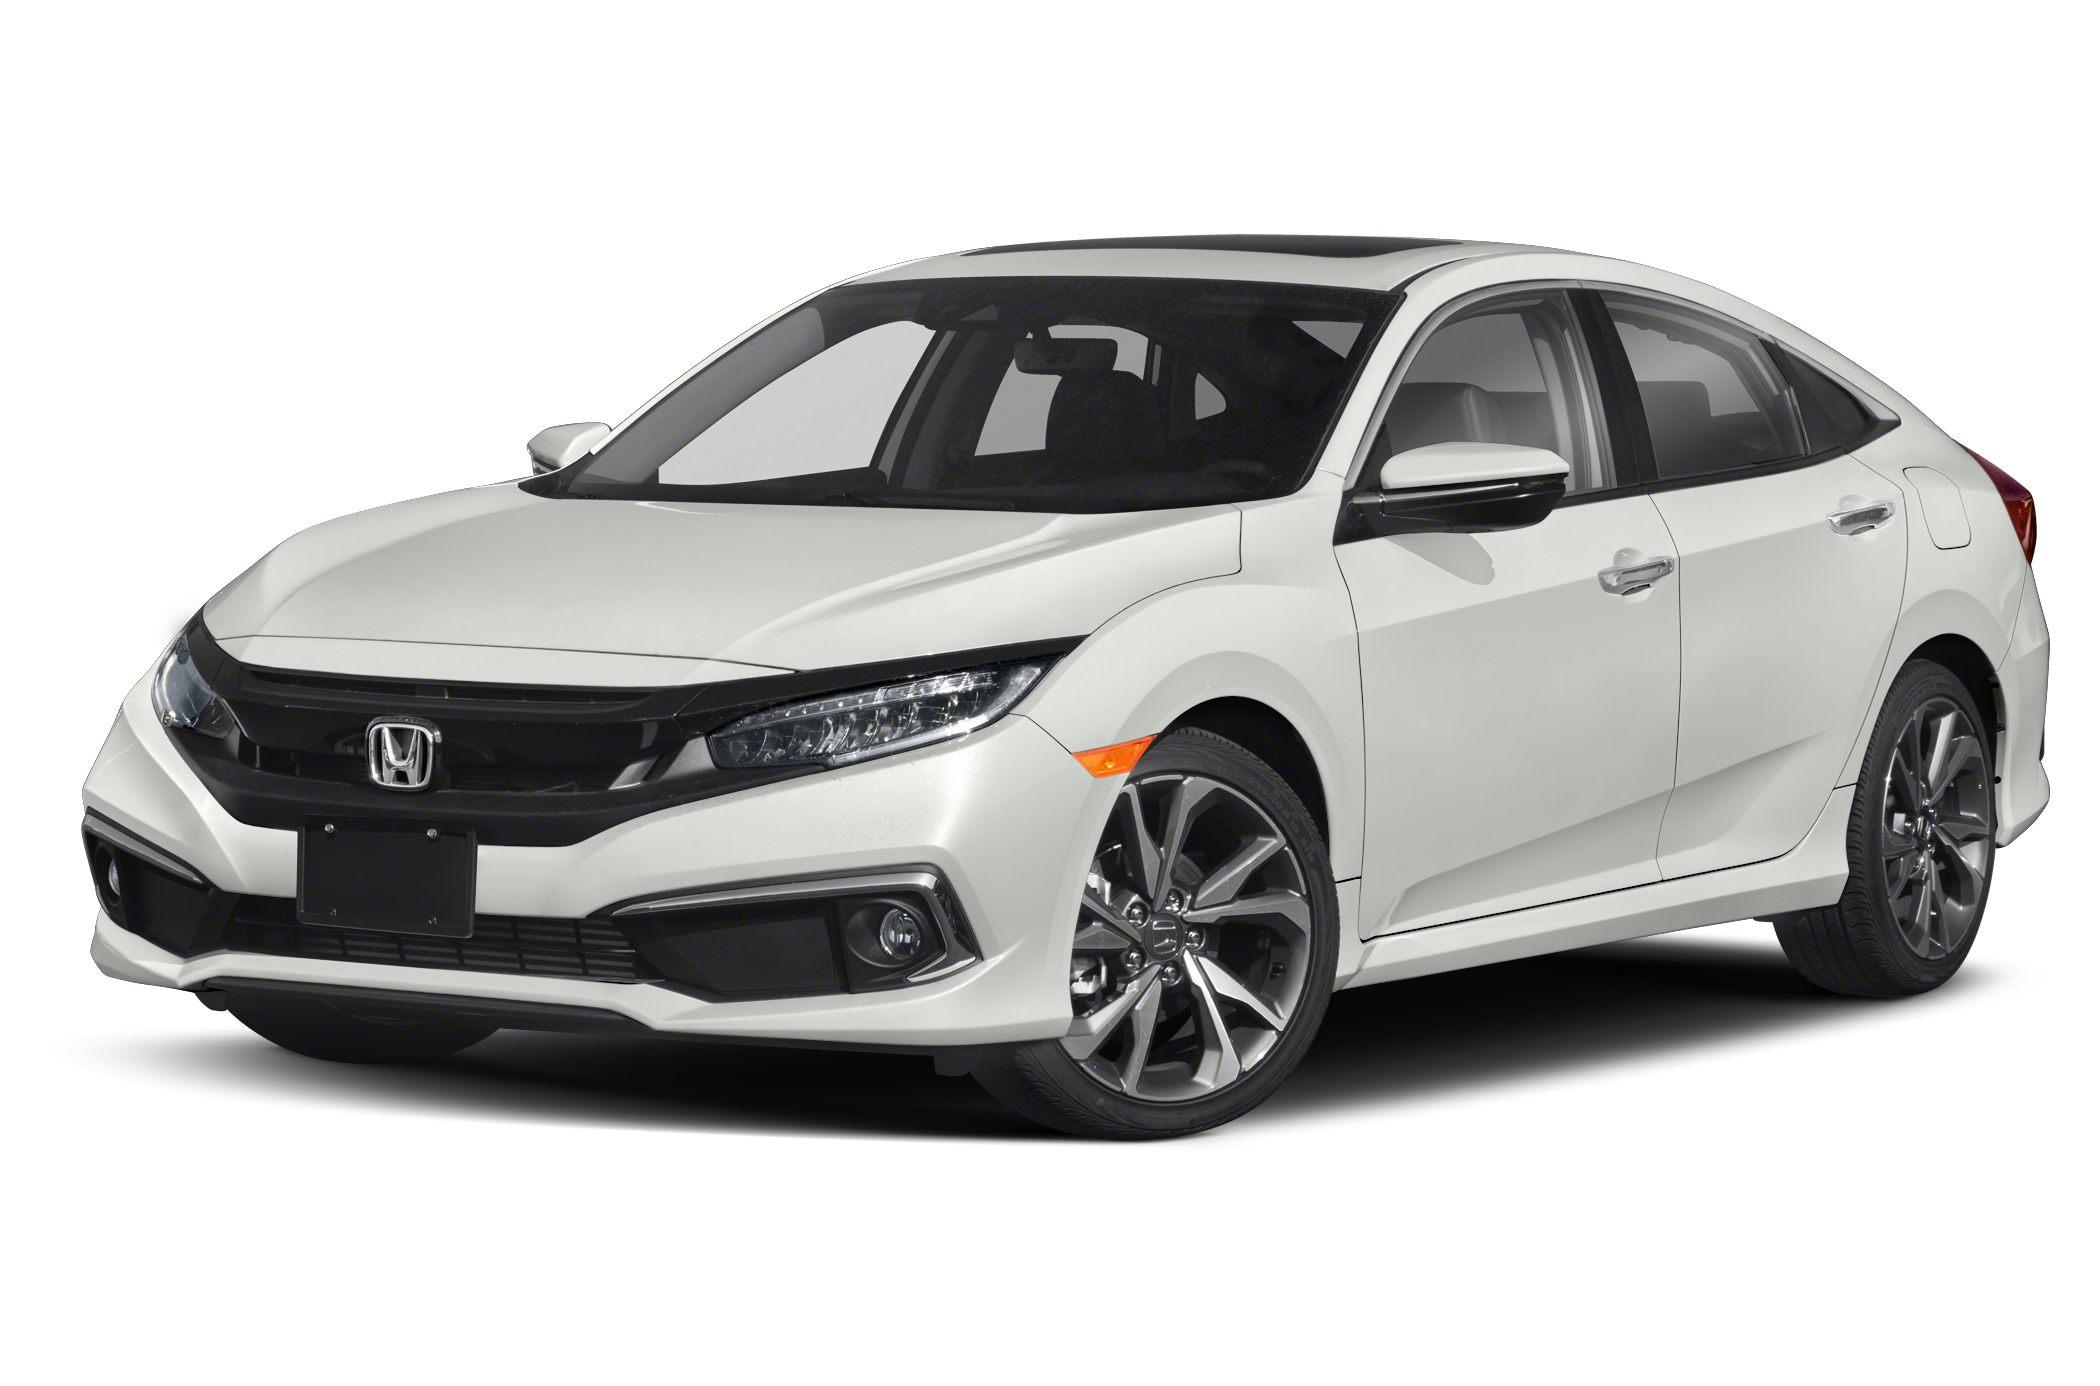 2020 Honda Civic Touring 4dr Sedan